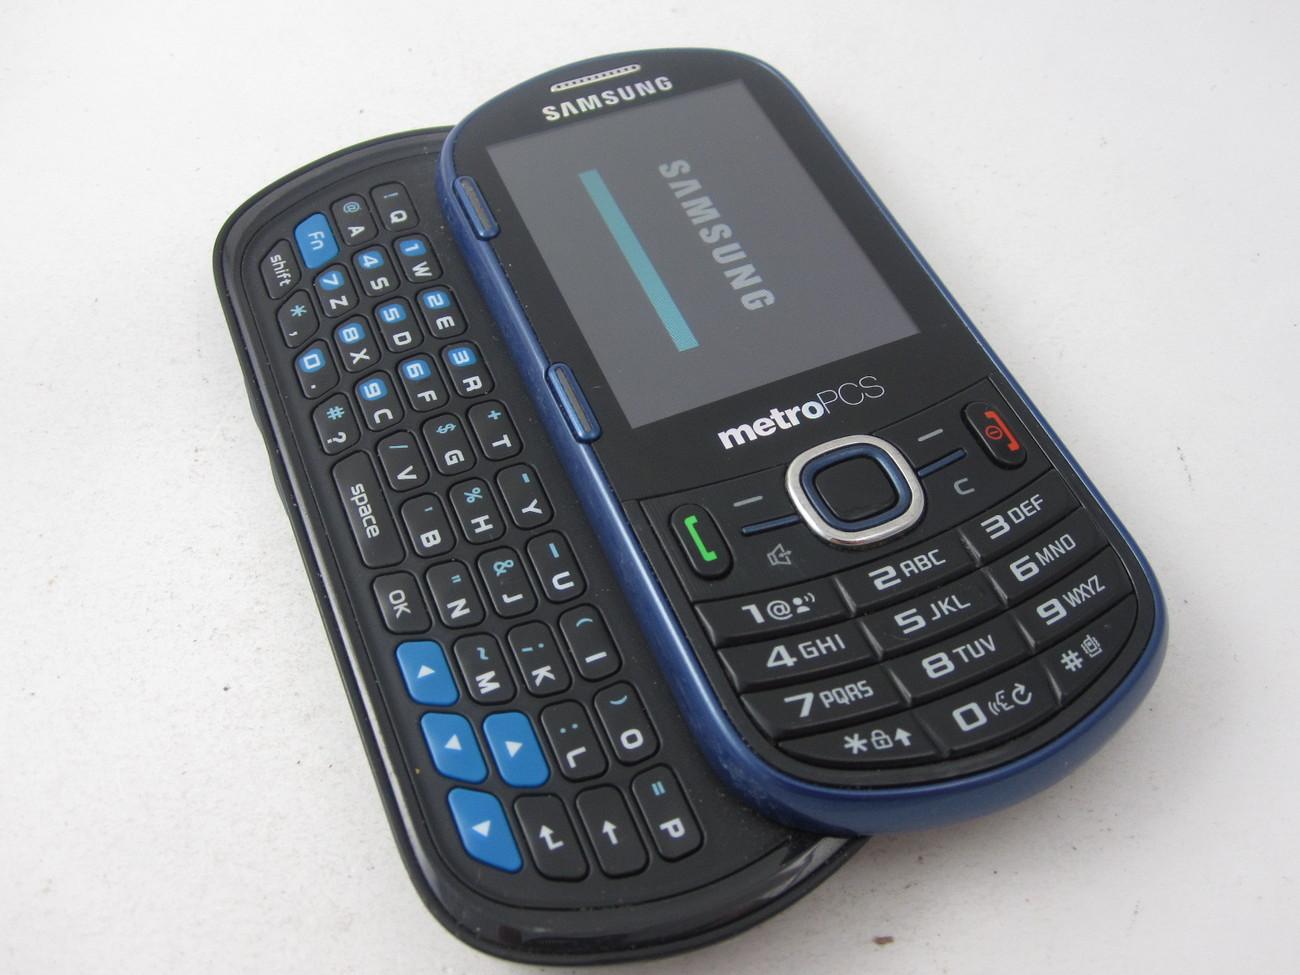 Metro Pcs Samsung Messager Sch R570 Cdma Qwerty Slide